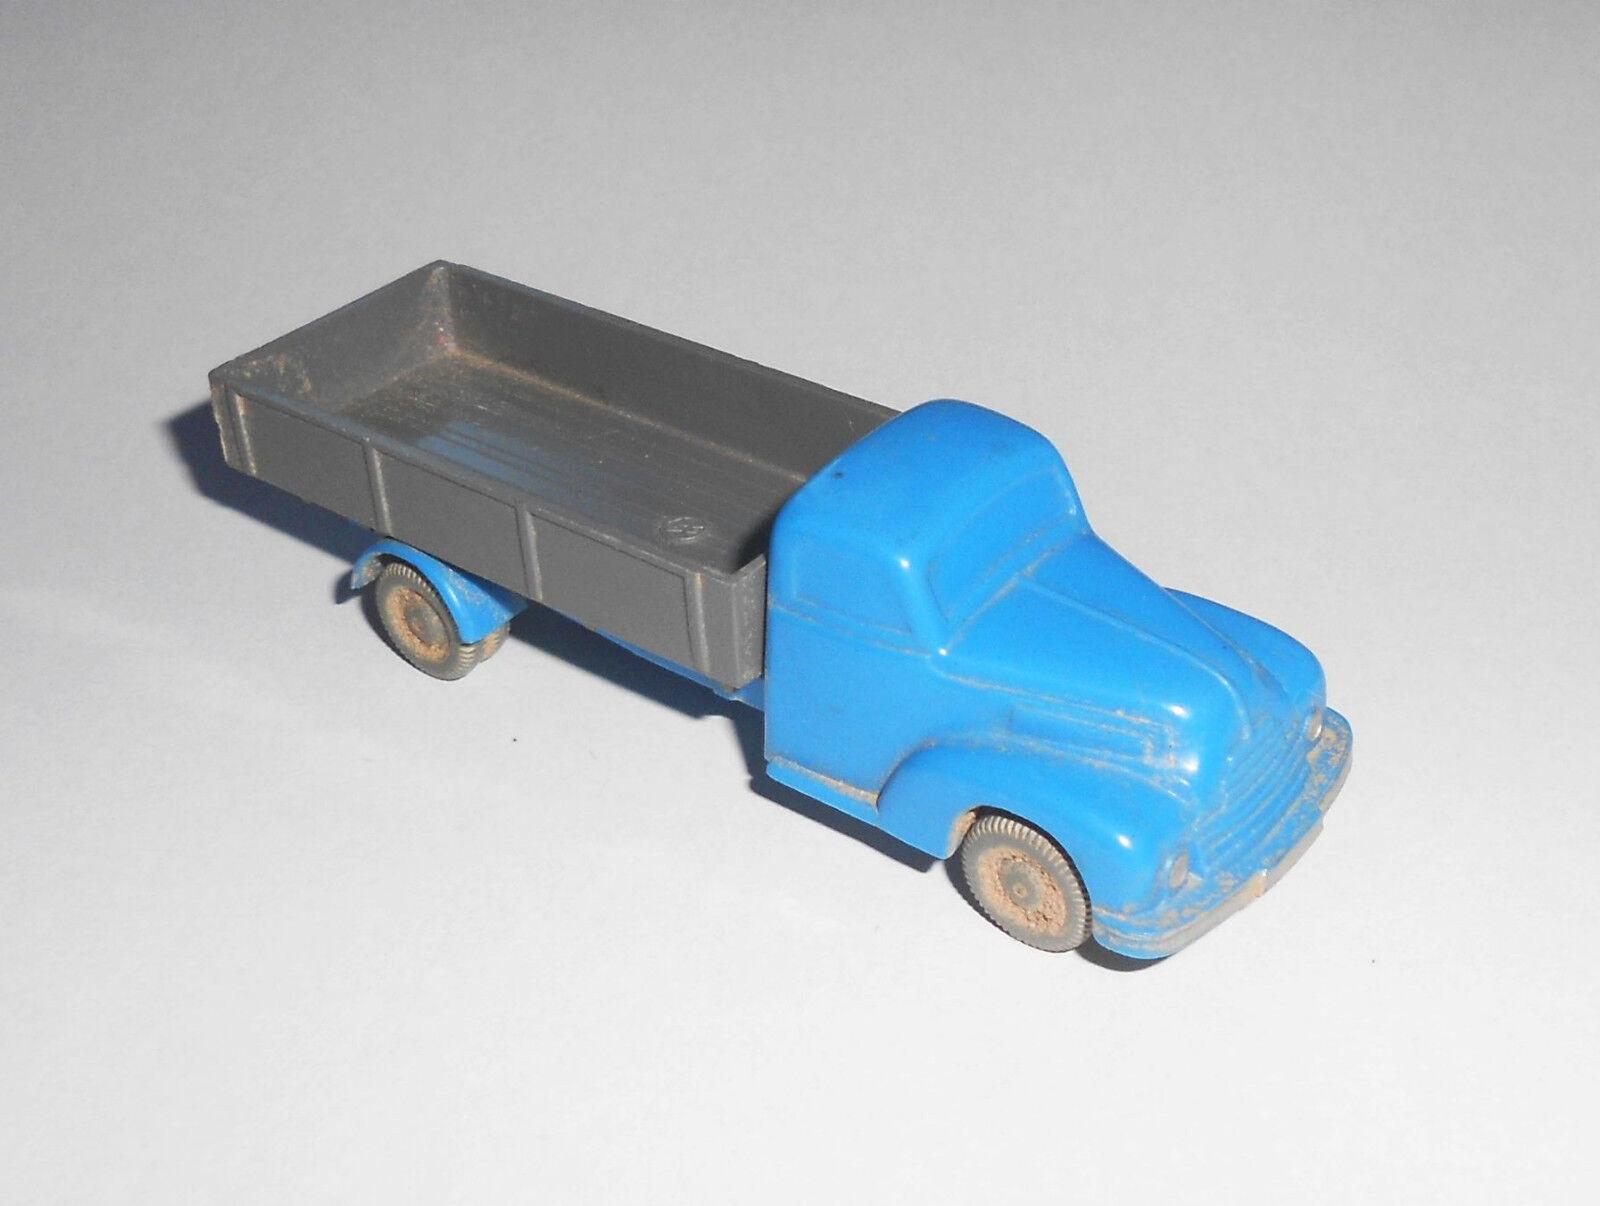 Joyeux Noël Surprise  Wiking voiture miniature camion camion camion bleu vitres 1:87! | Insolite  | En Ligne  | Boutique En Ligne